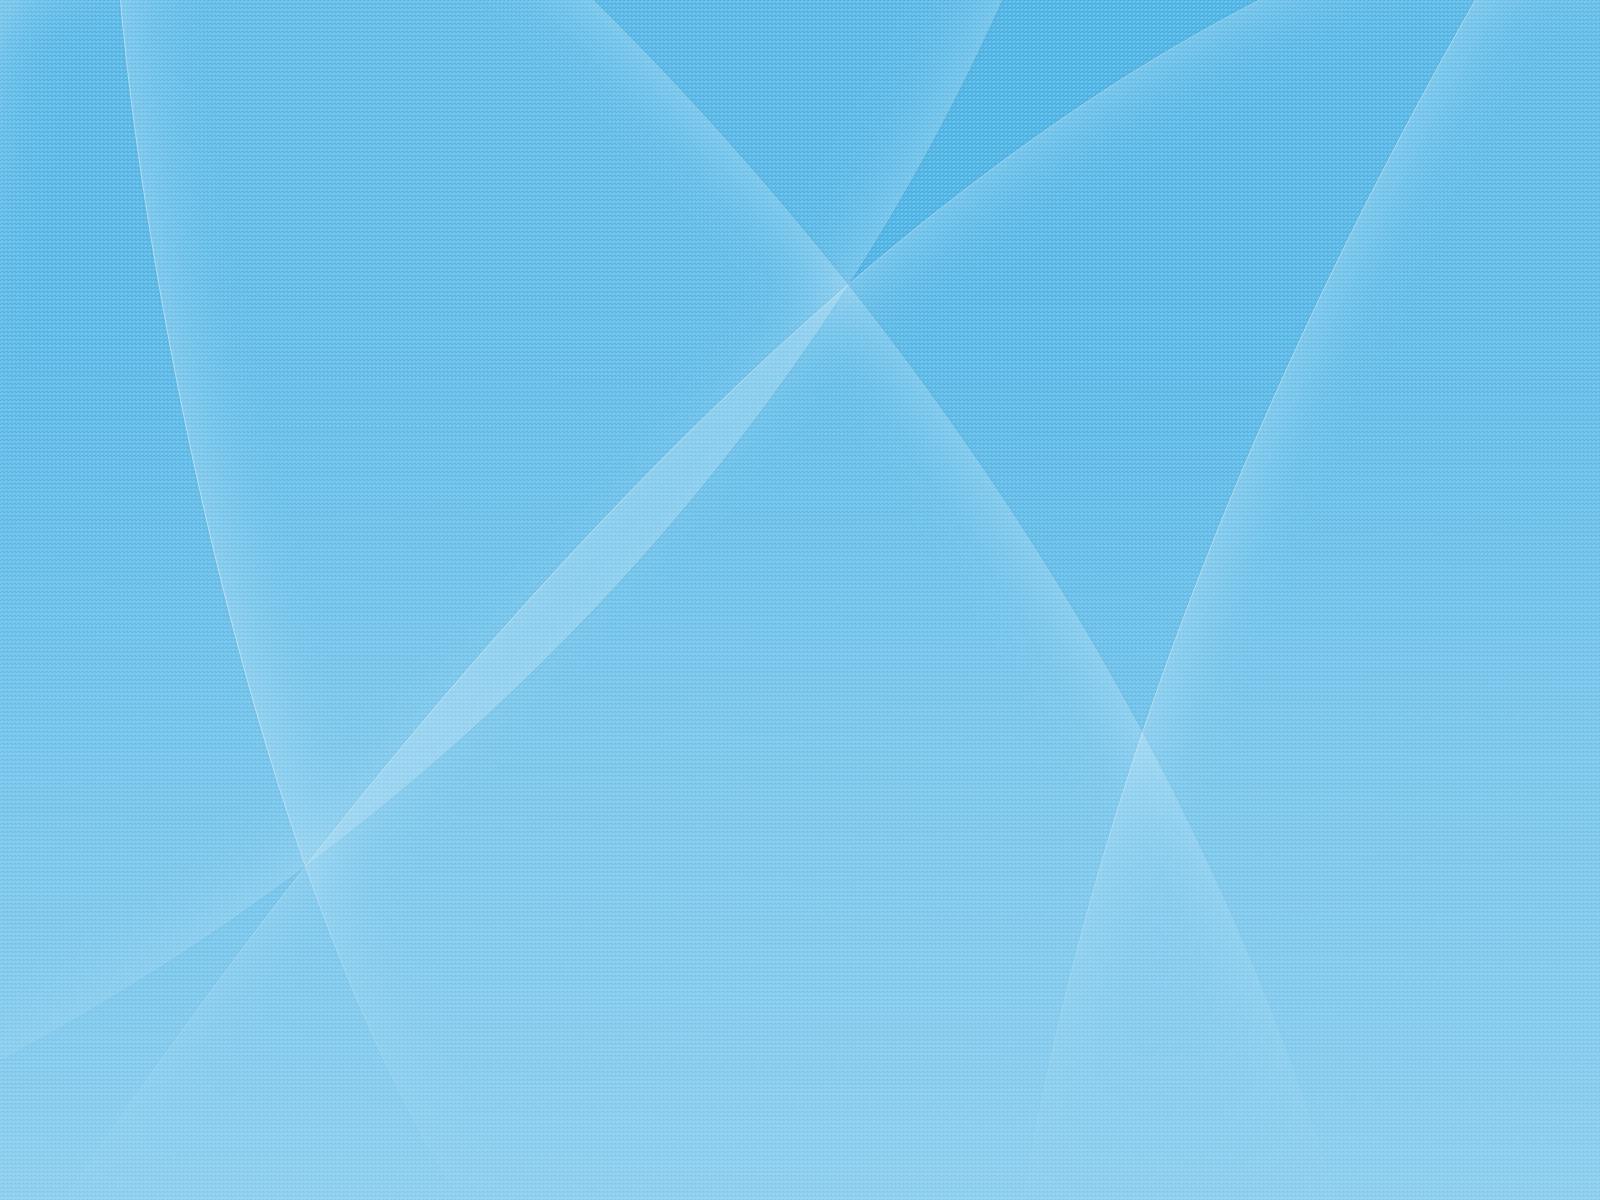 Blauwe-achtergronden-blauw-achtergrond-blauwe-wallpapers-hd-9